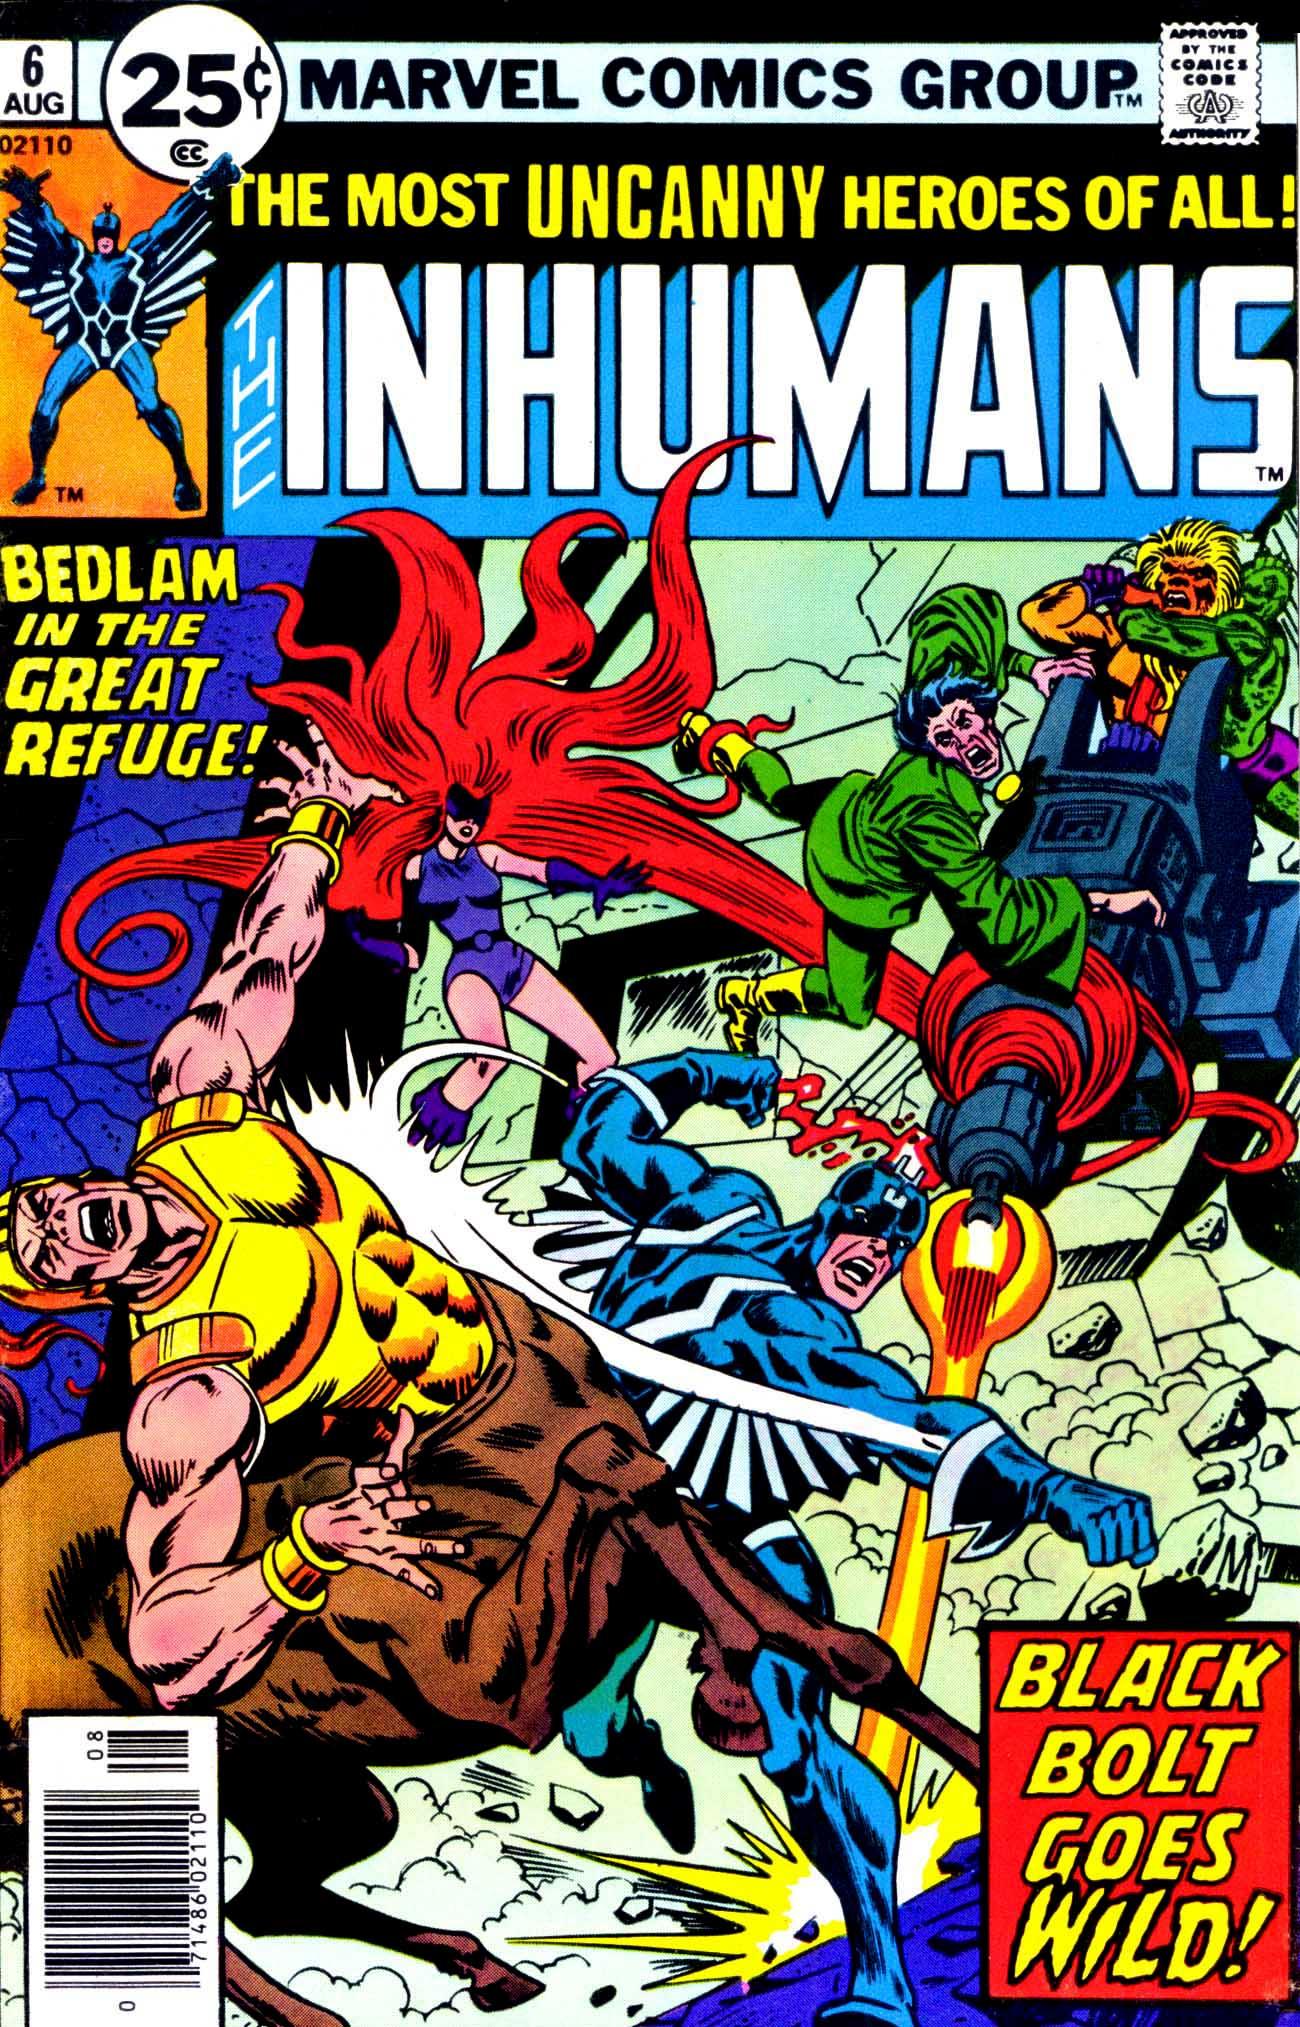 Inhumans (1975) issue 6 - Page 1